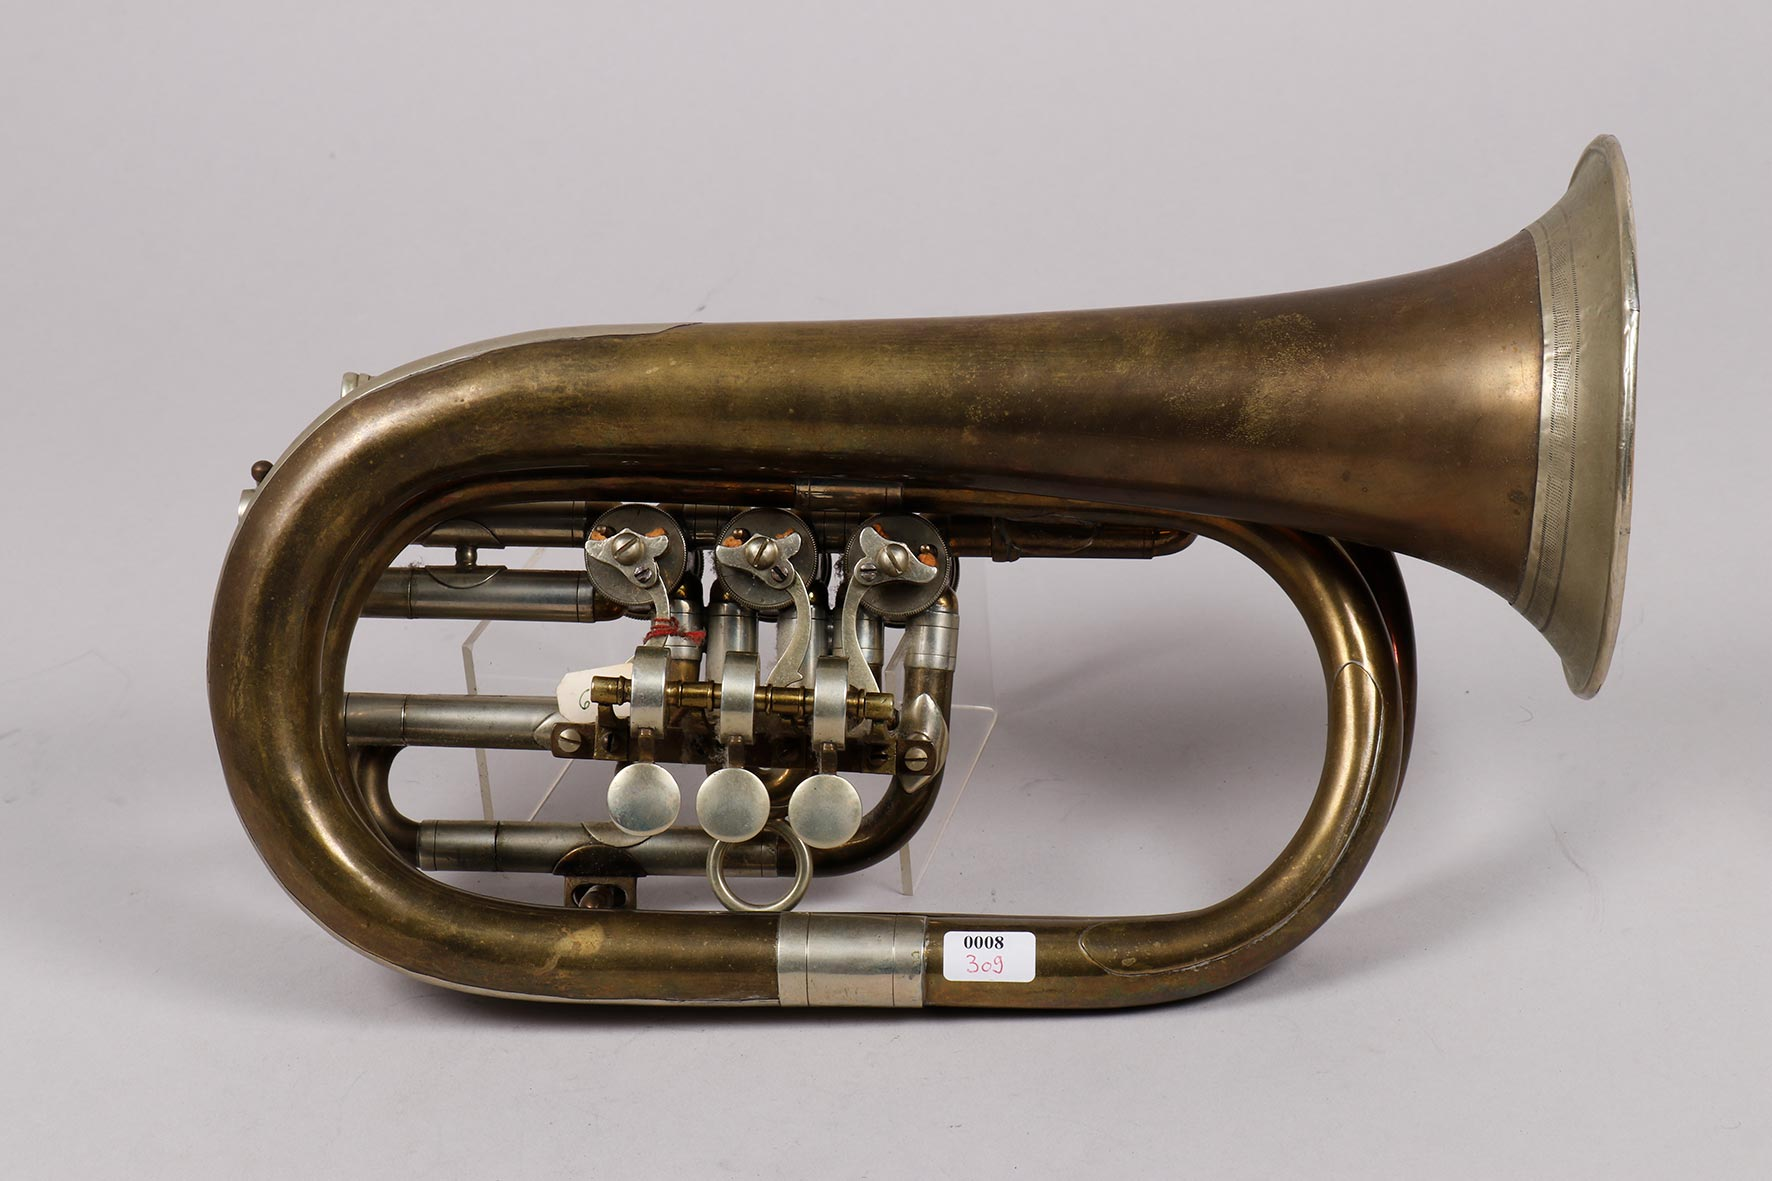 Bugle sauterelle en fa, en laiton, guirlande et mécanisme maillechort, trois barillets et piston pour changement de branche d'embouchure